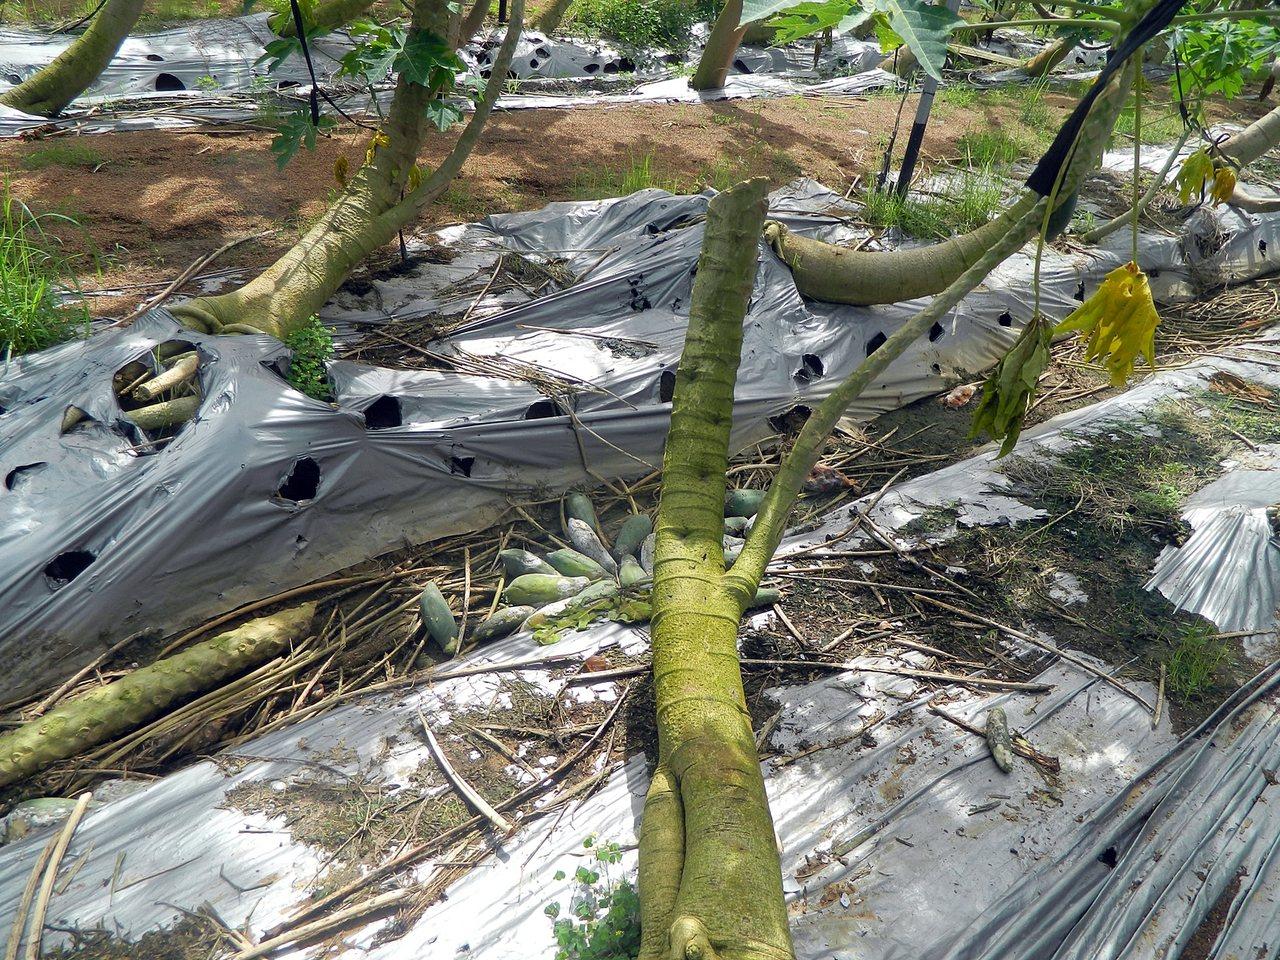 812豪雨造成嘉義市木瓜有植株受損、水傷和落果等狀況。圖/嘉義市府提供